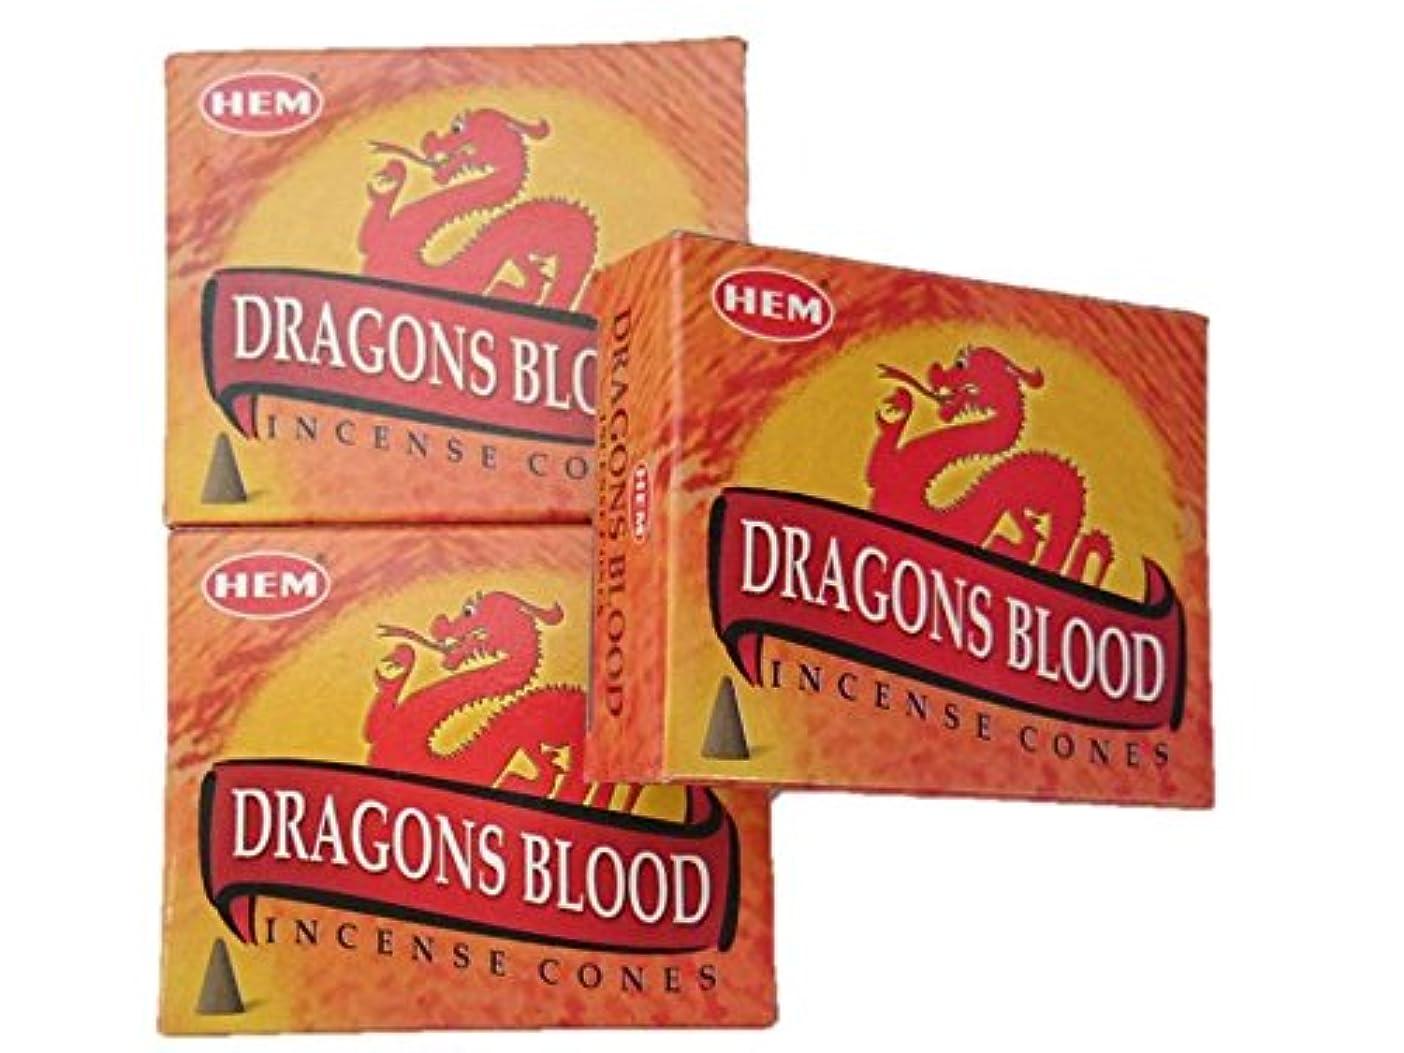 先生国際出来事HEM(ヘム)お香 ドラゴンズ ブラッド コーン 3個セット